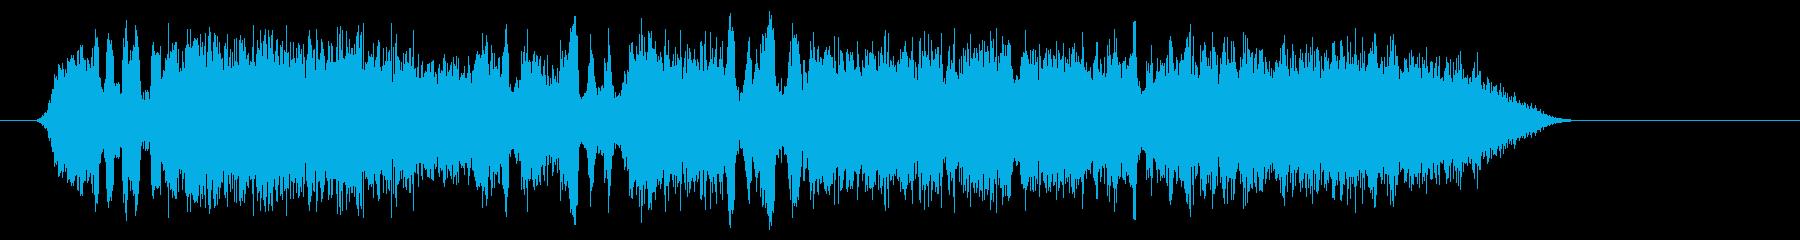 サッカーファン2の再生済みの波形